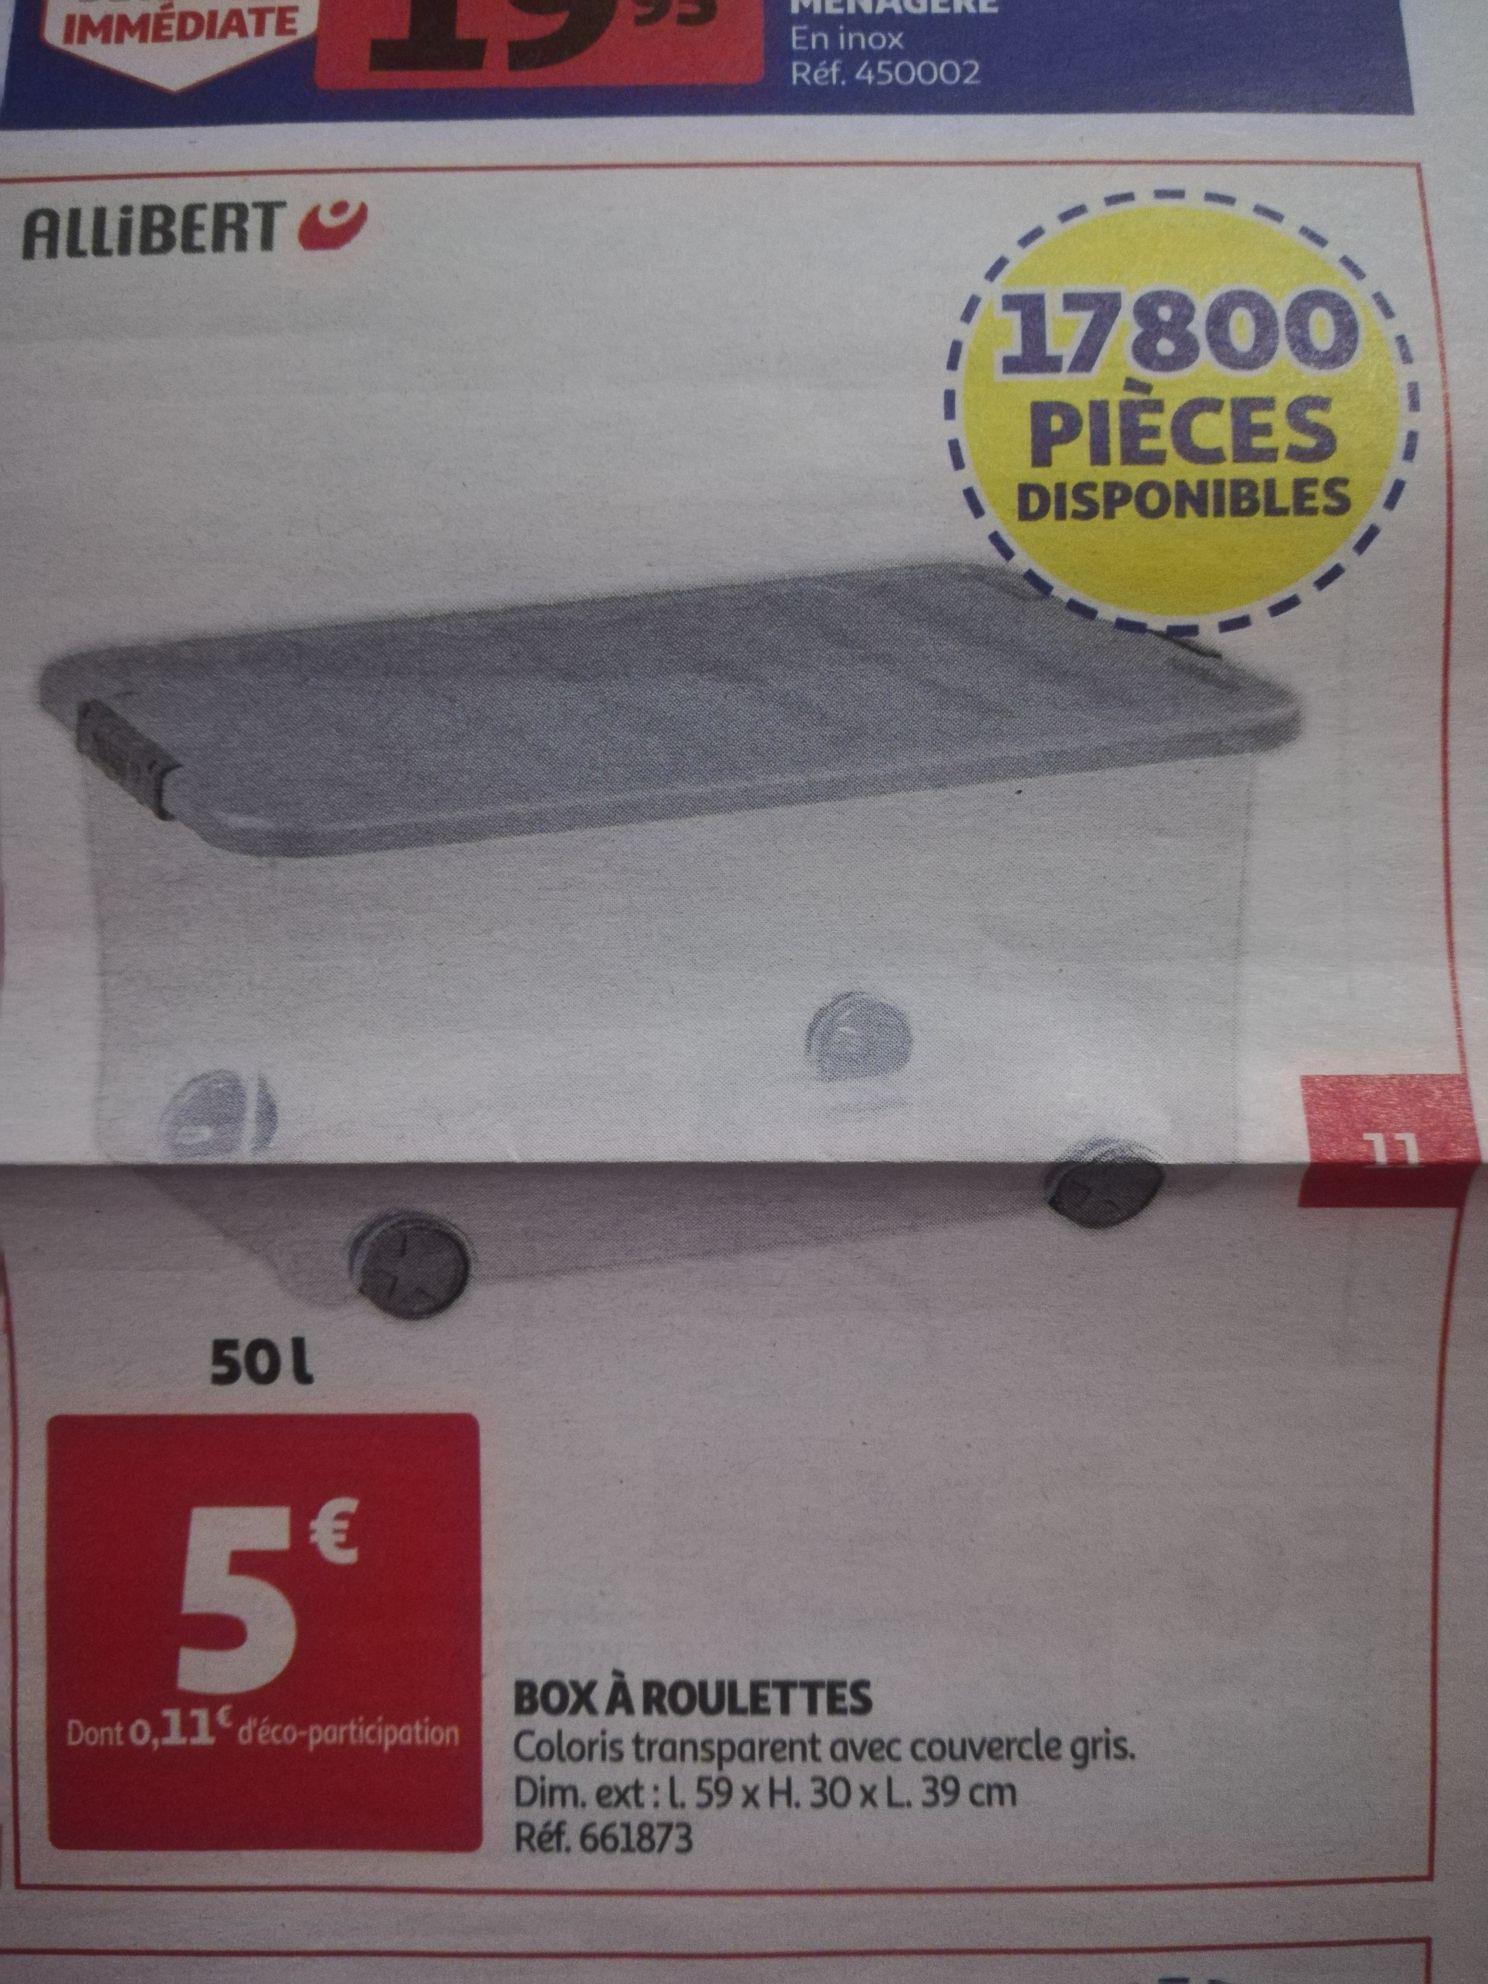 Box à roulettes Allibert - 50 litres